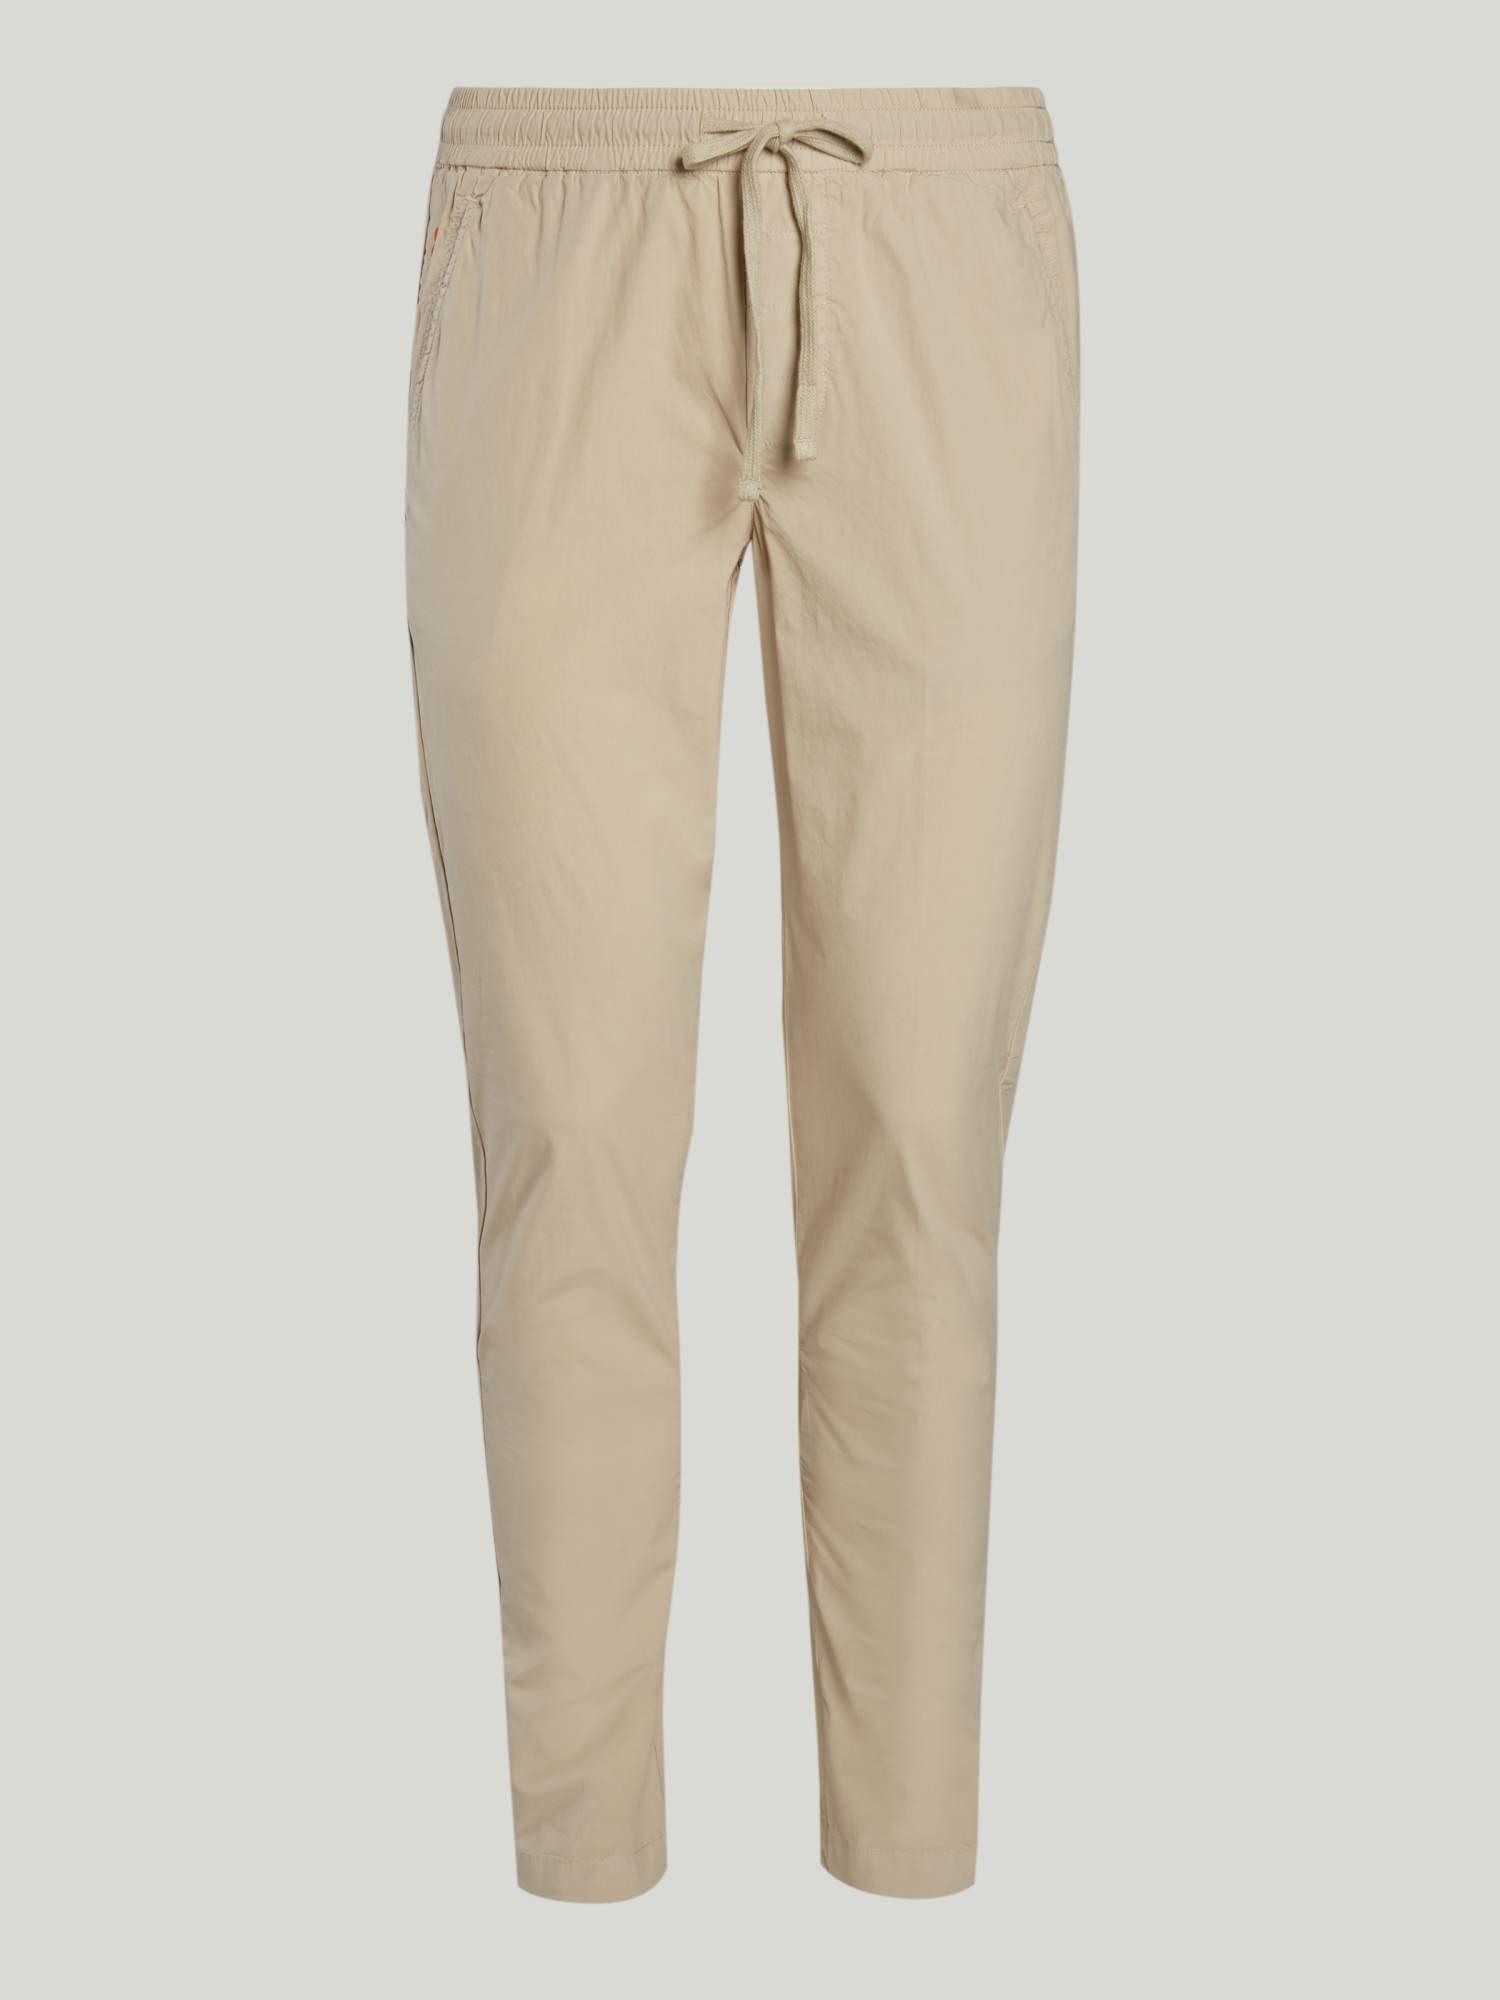 Trousers A78 - Pelikan